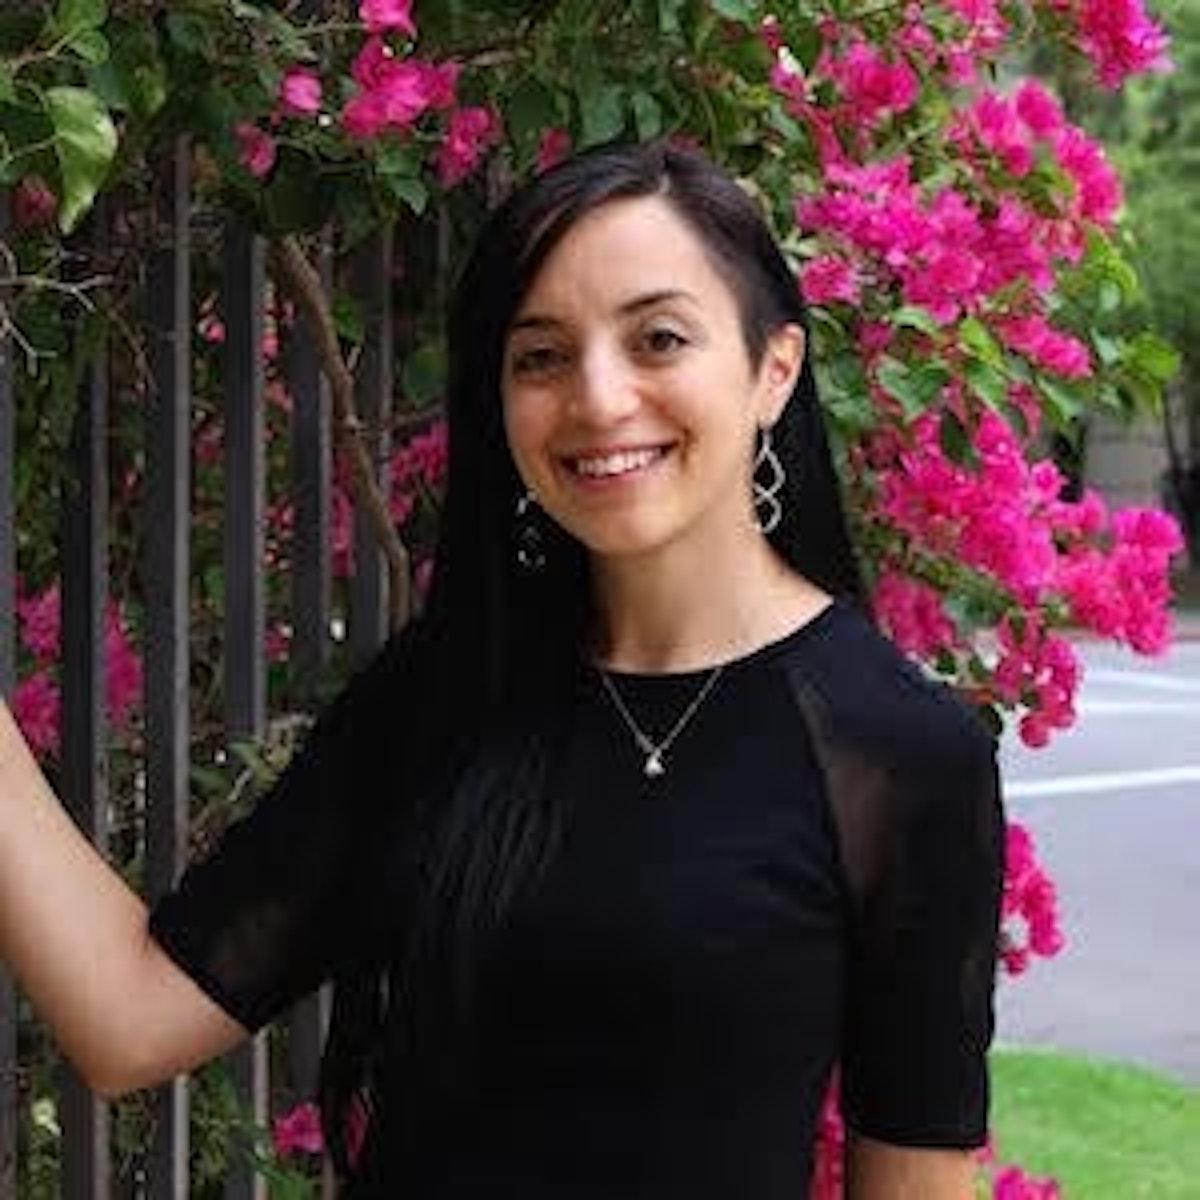 Sheila Amir